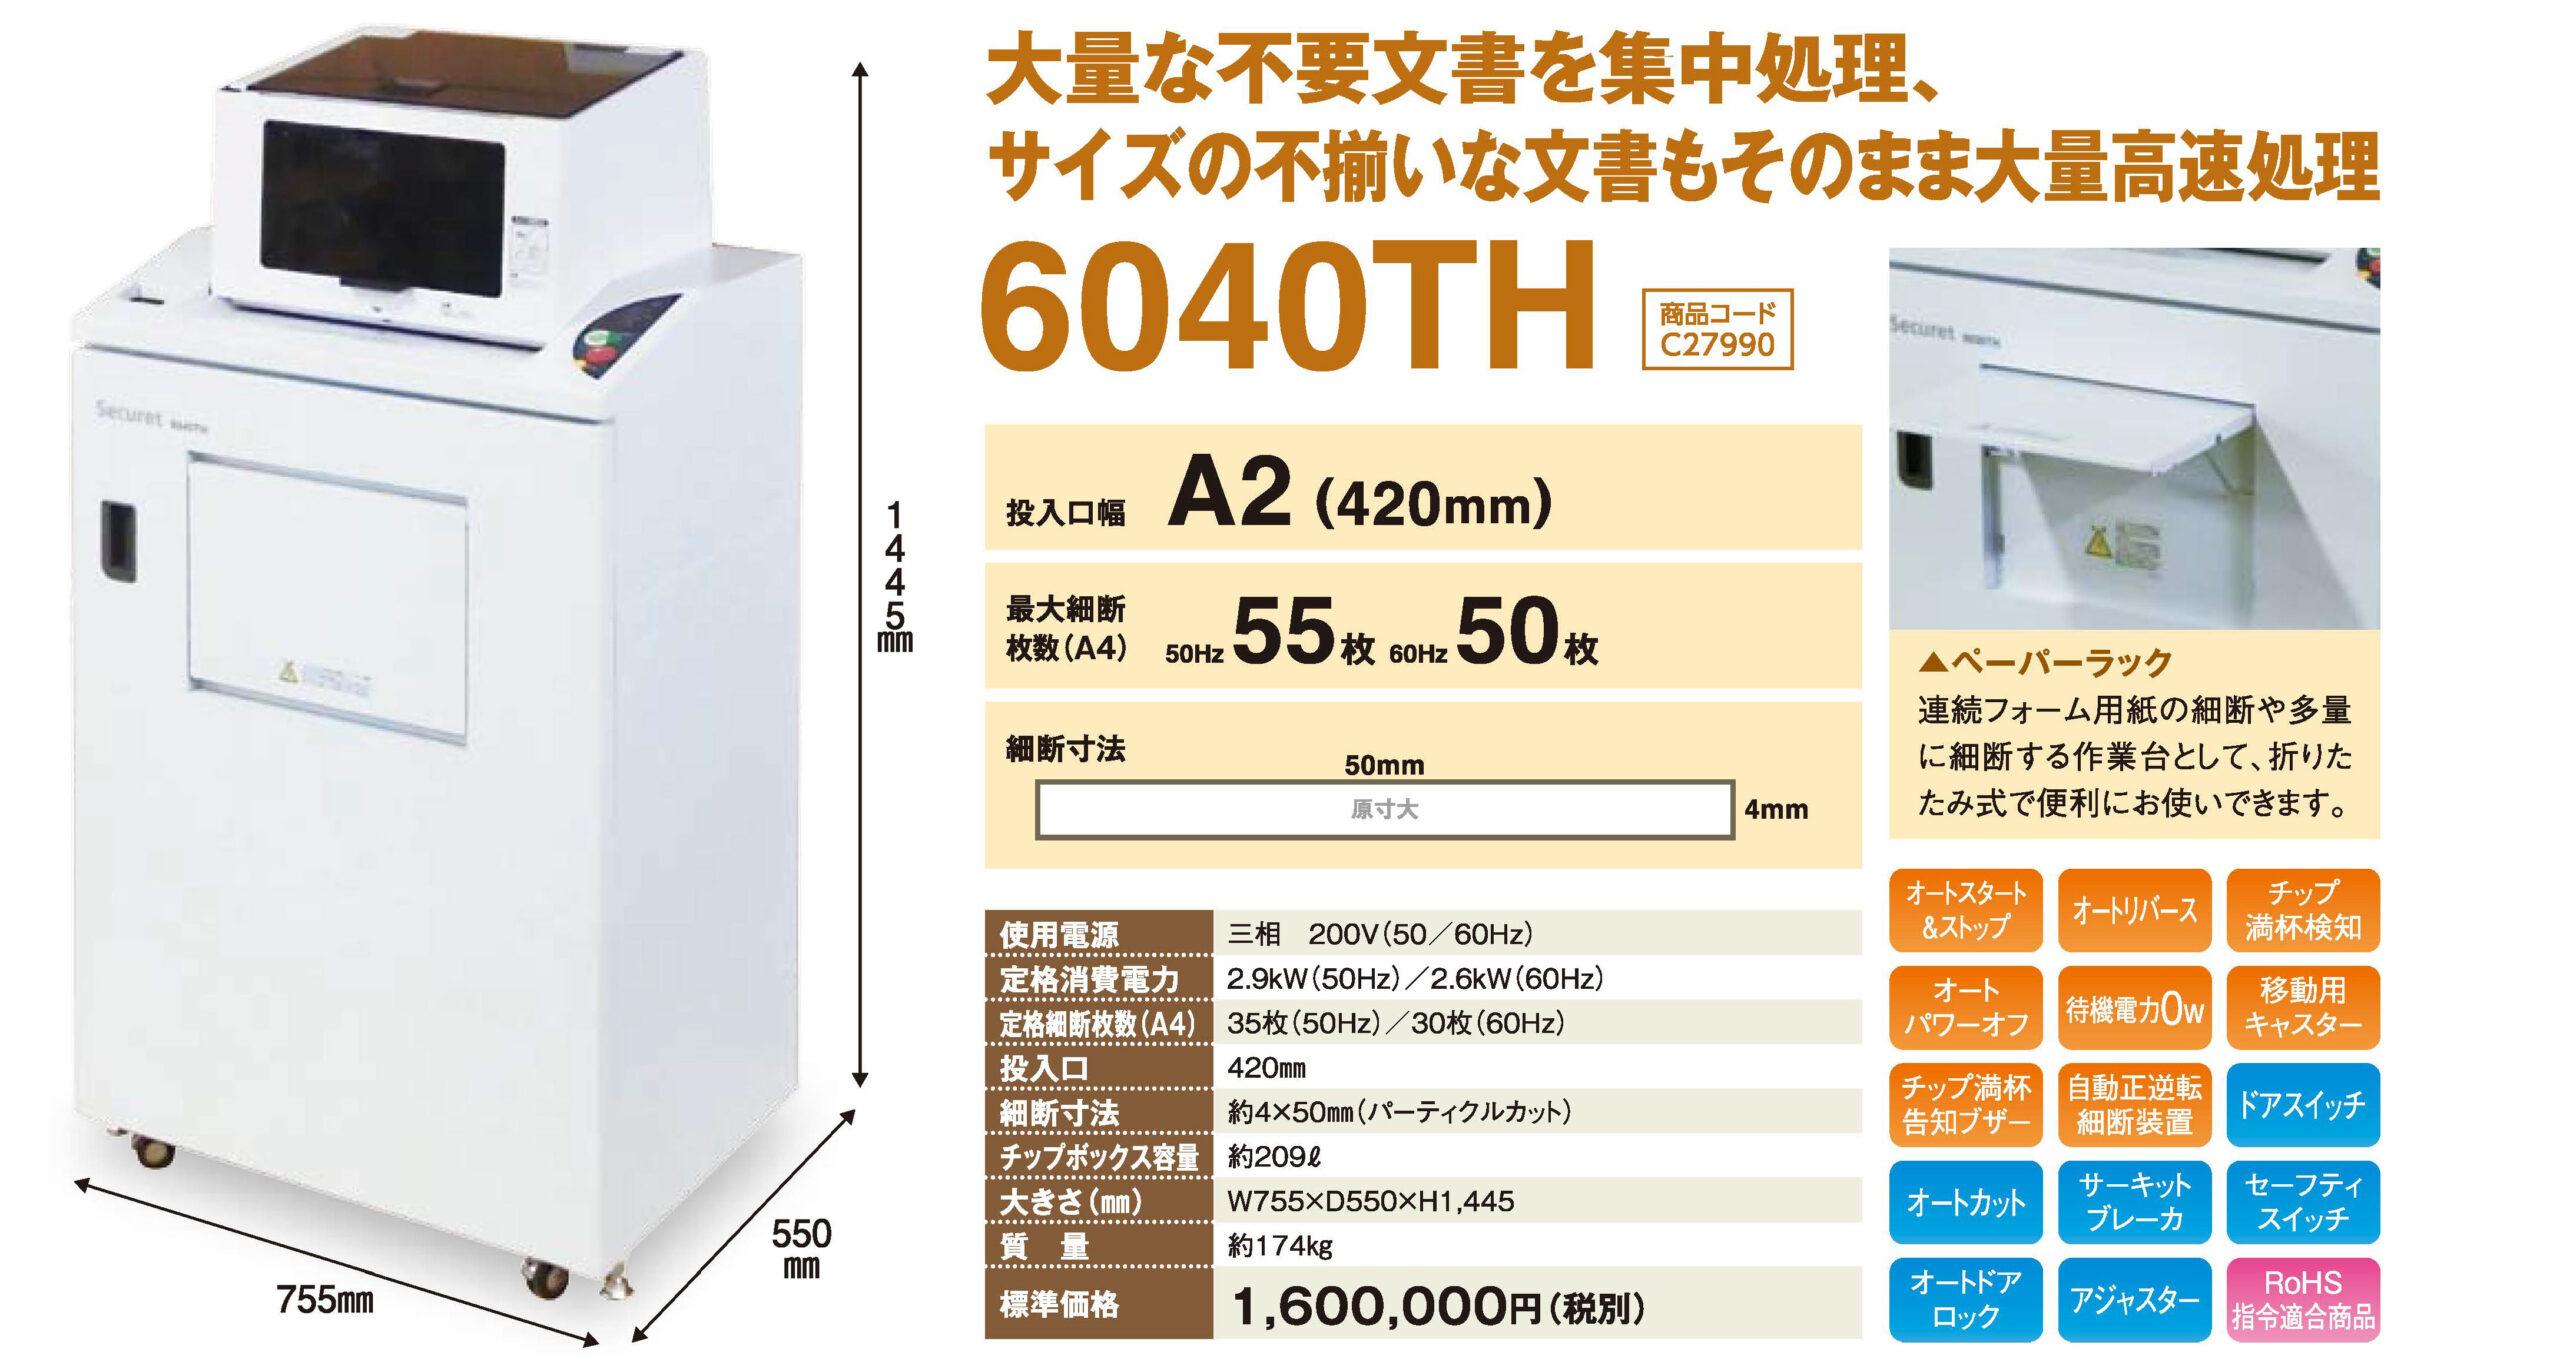 石澤製作所 セキュレットシュレッダ6040TH